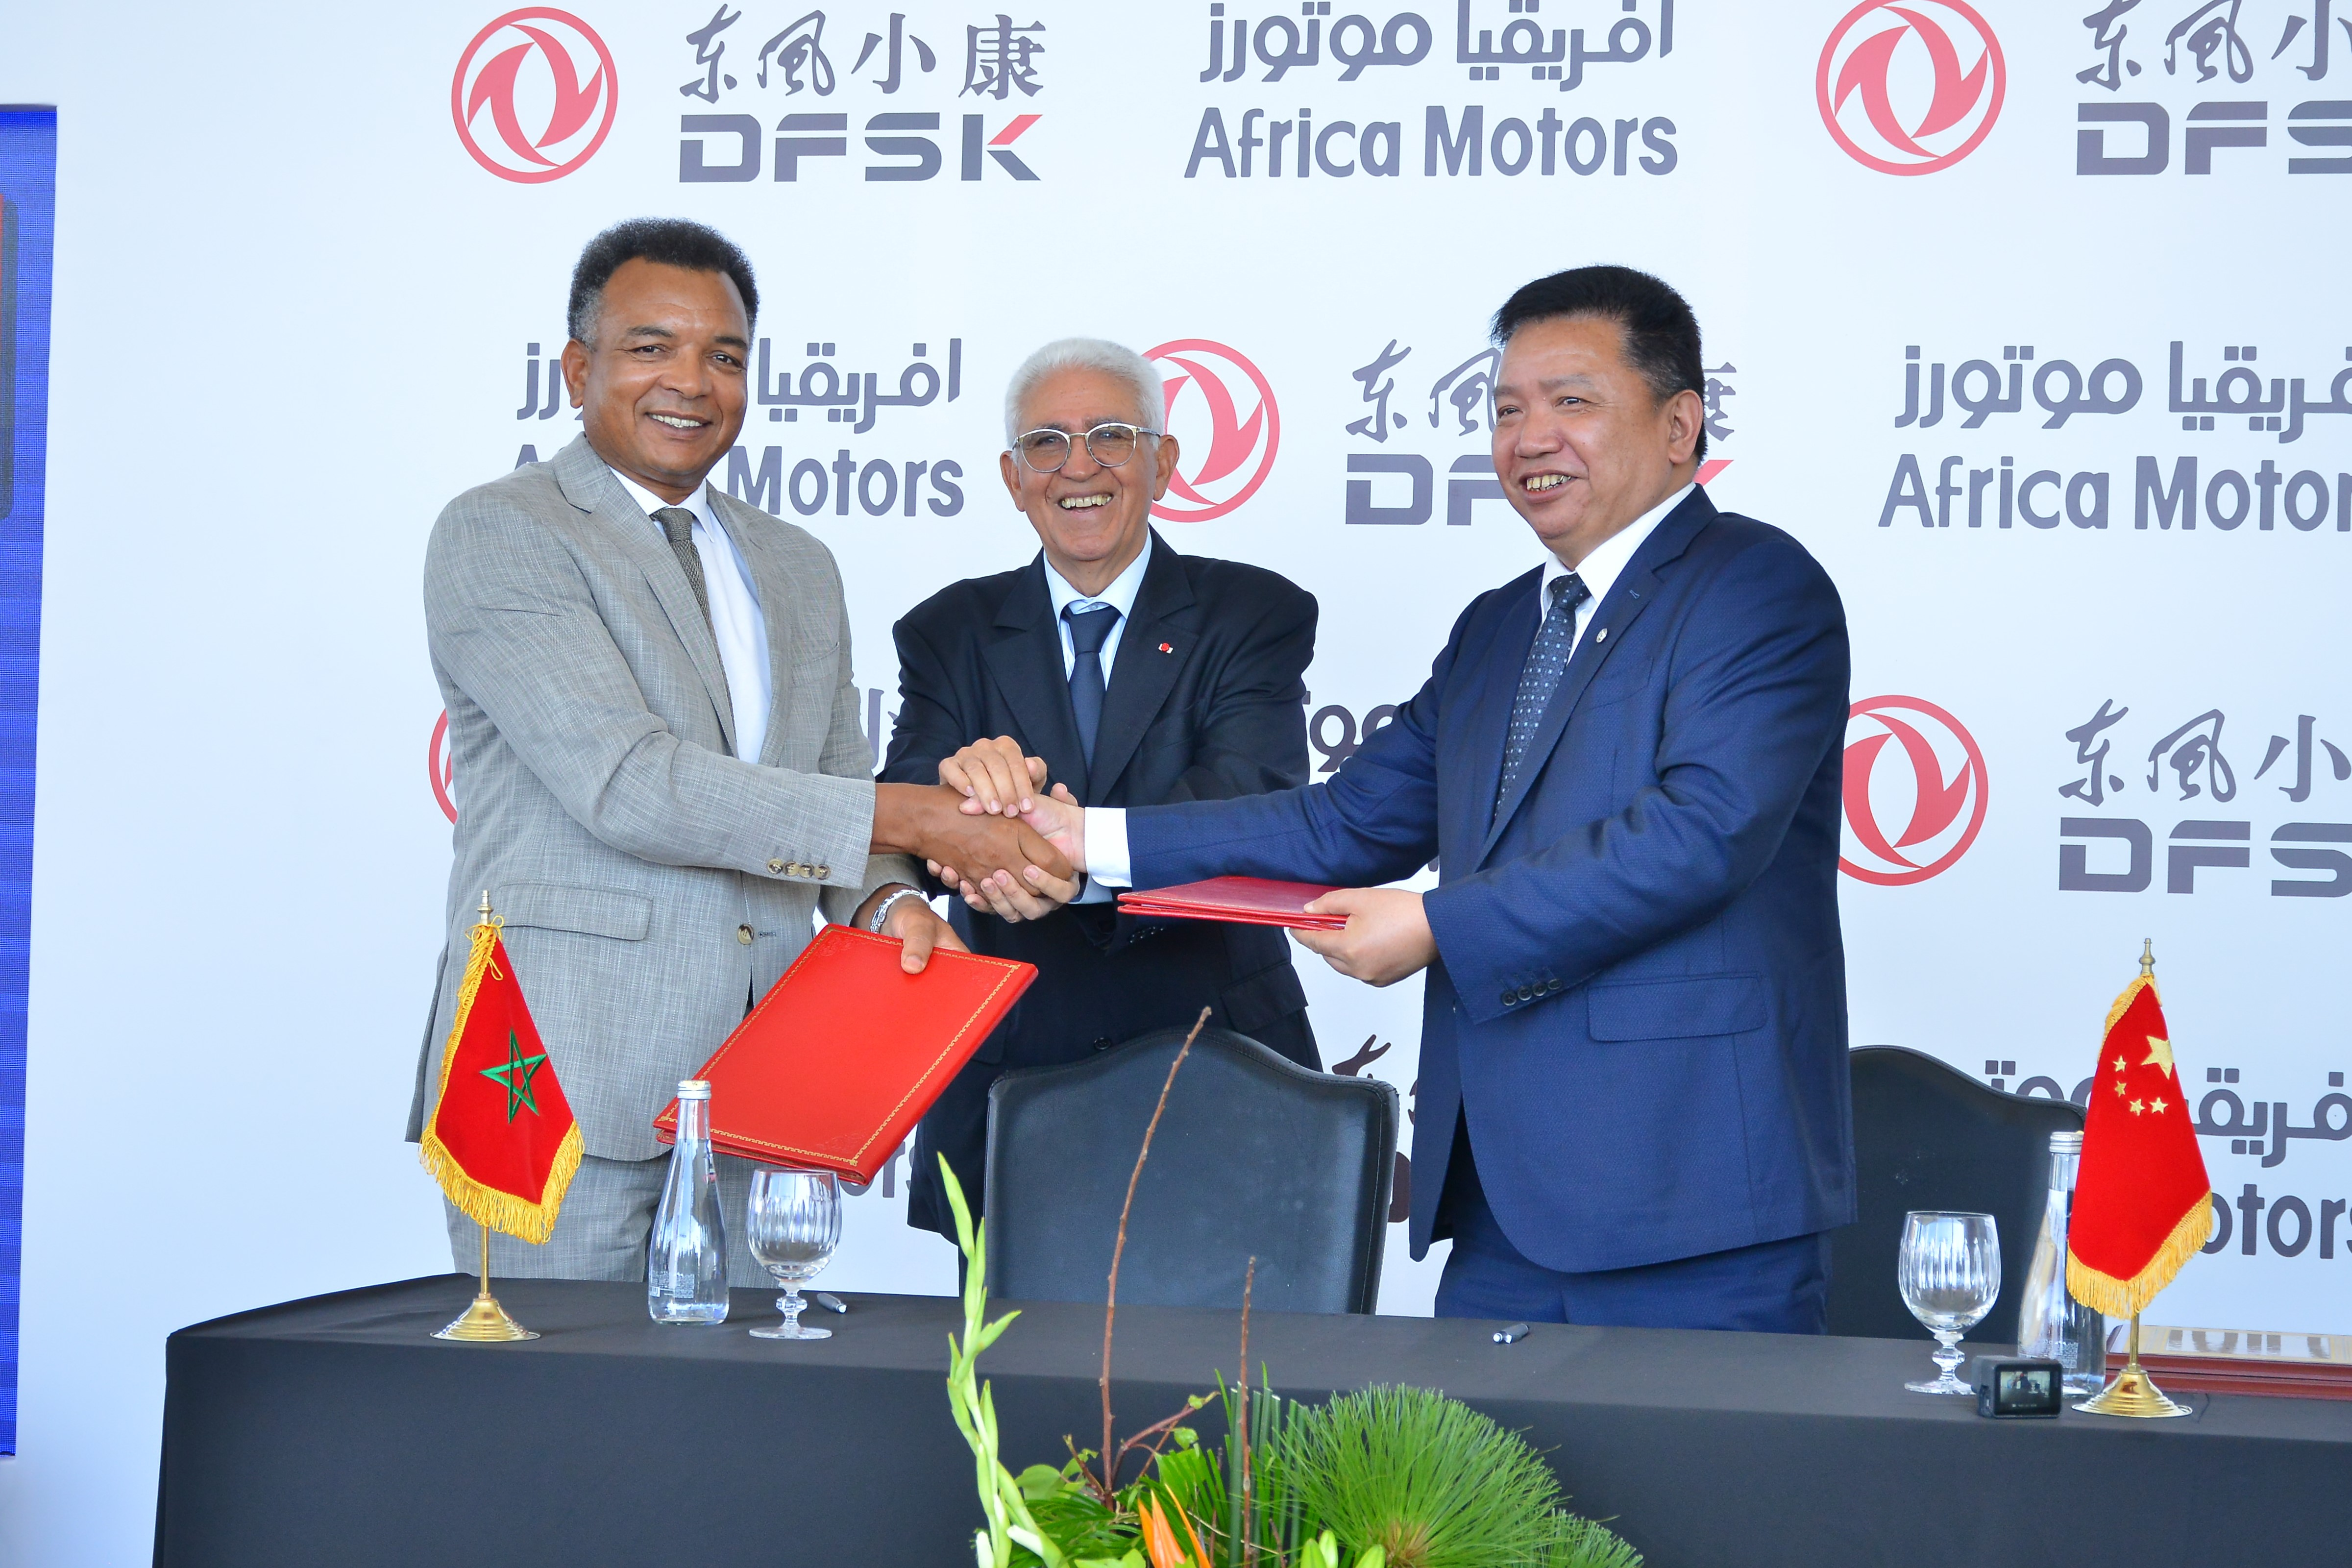 Photo of DFSK-Africa Motors. Des voitures électriques au Maroc à partir de 2020